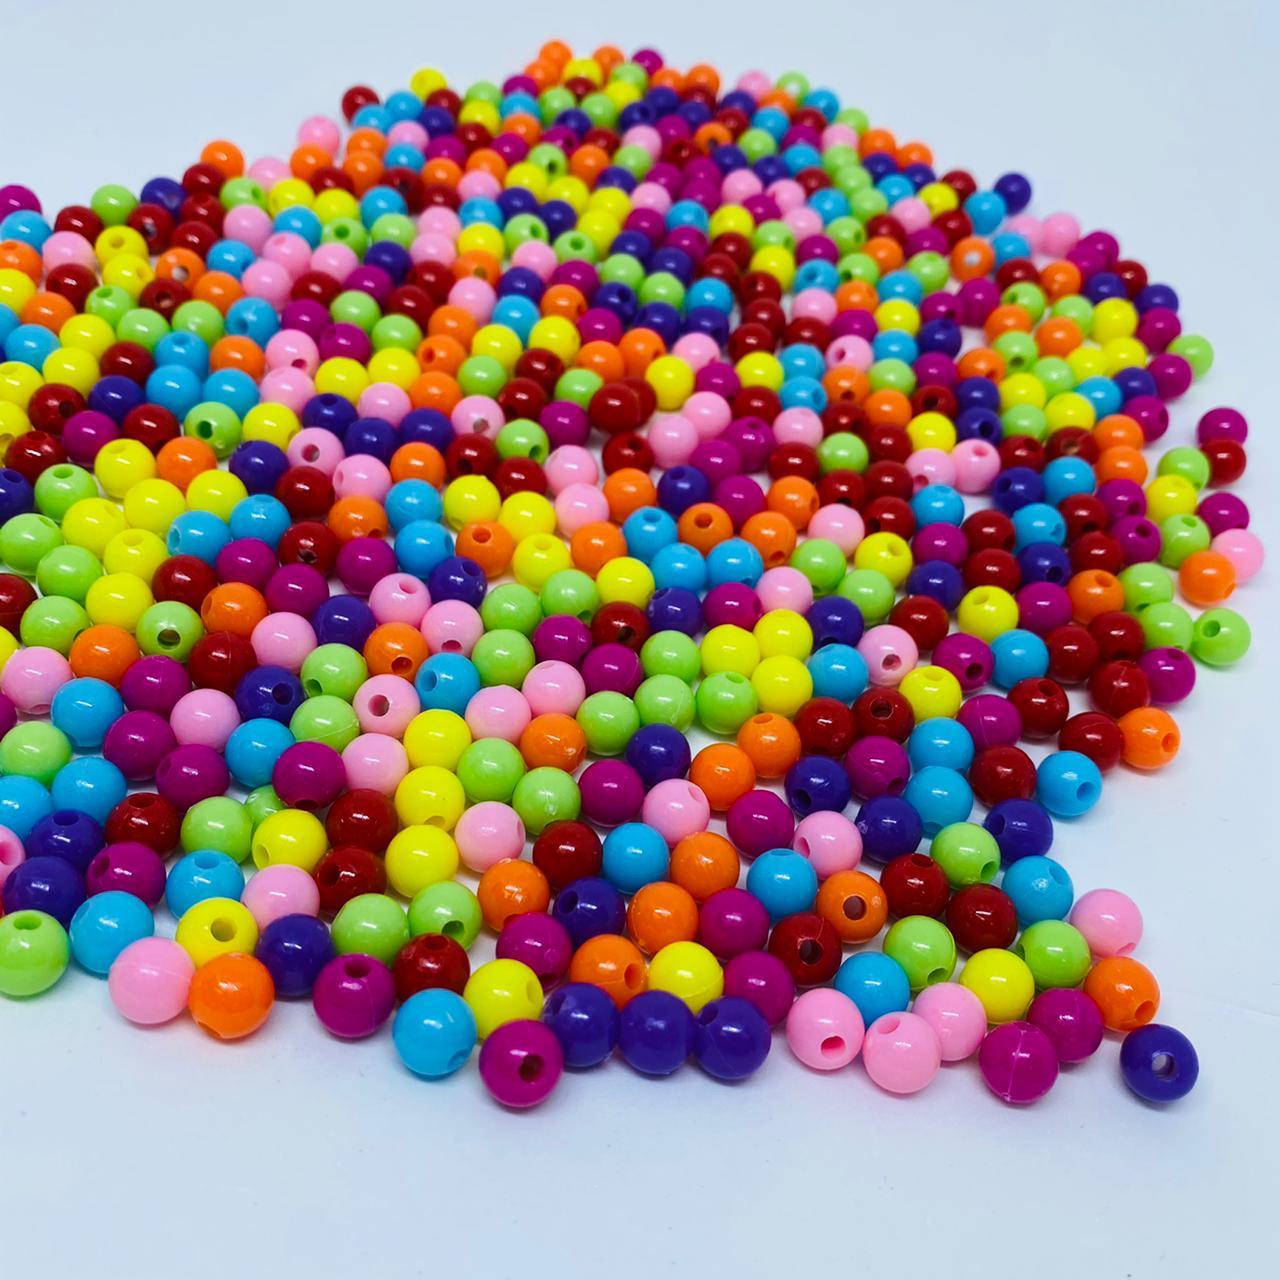 Bolinha de plastico multicolor neon 8mm 25 gr  - Palácio Dos Cristais